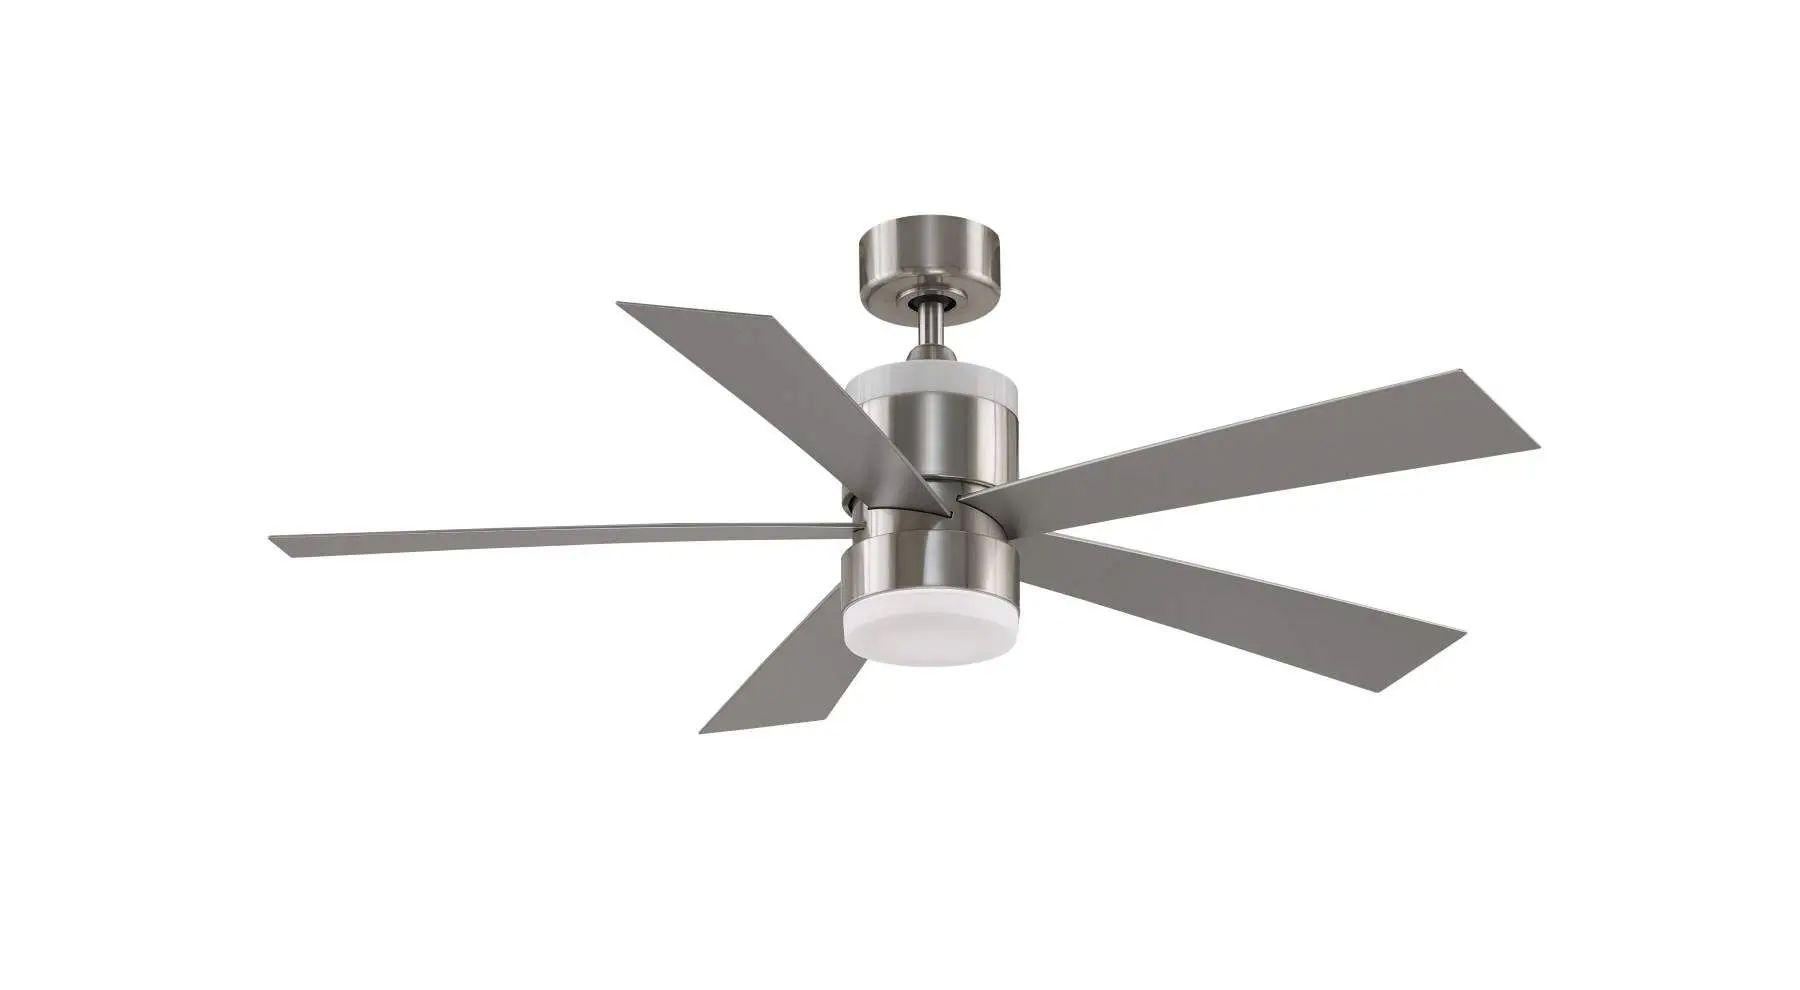 Fanimation Torch Ceiling Fan In Brushed Nickel